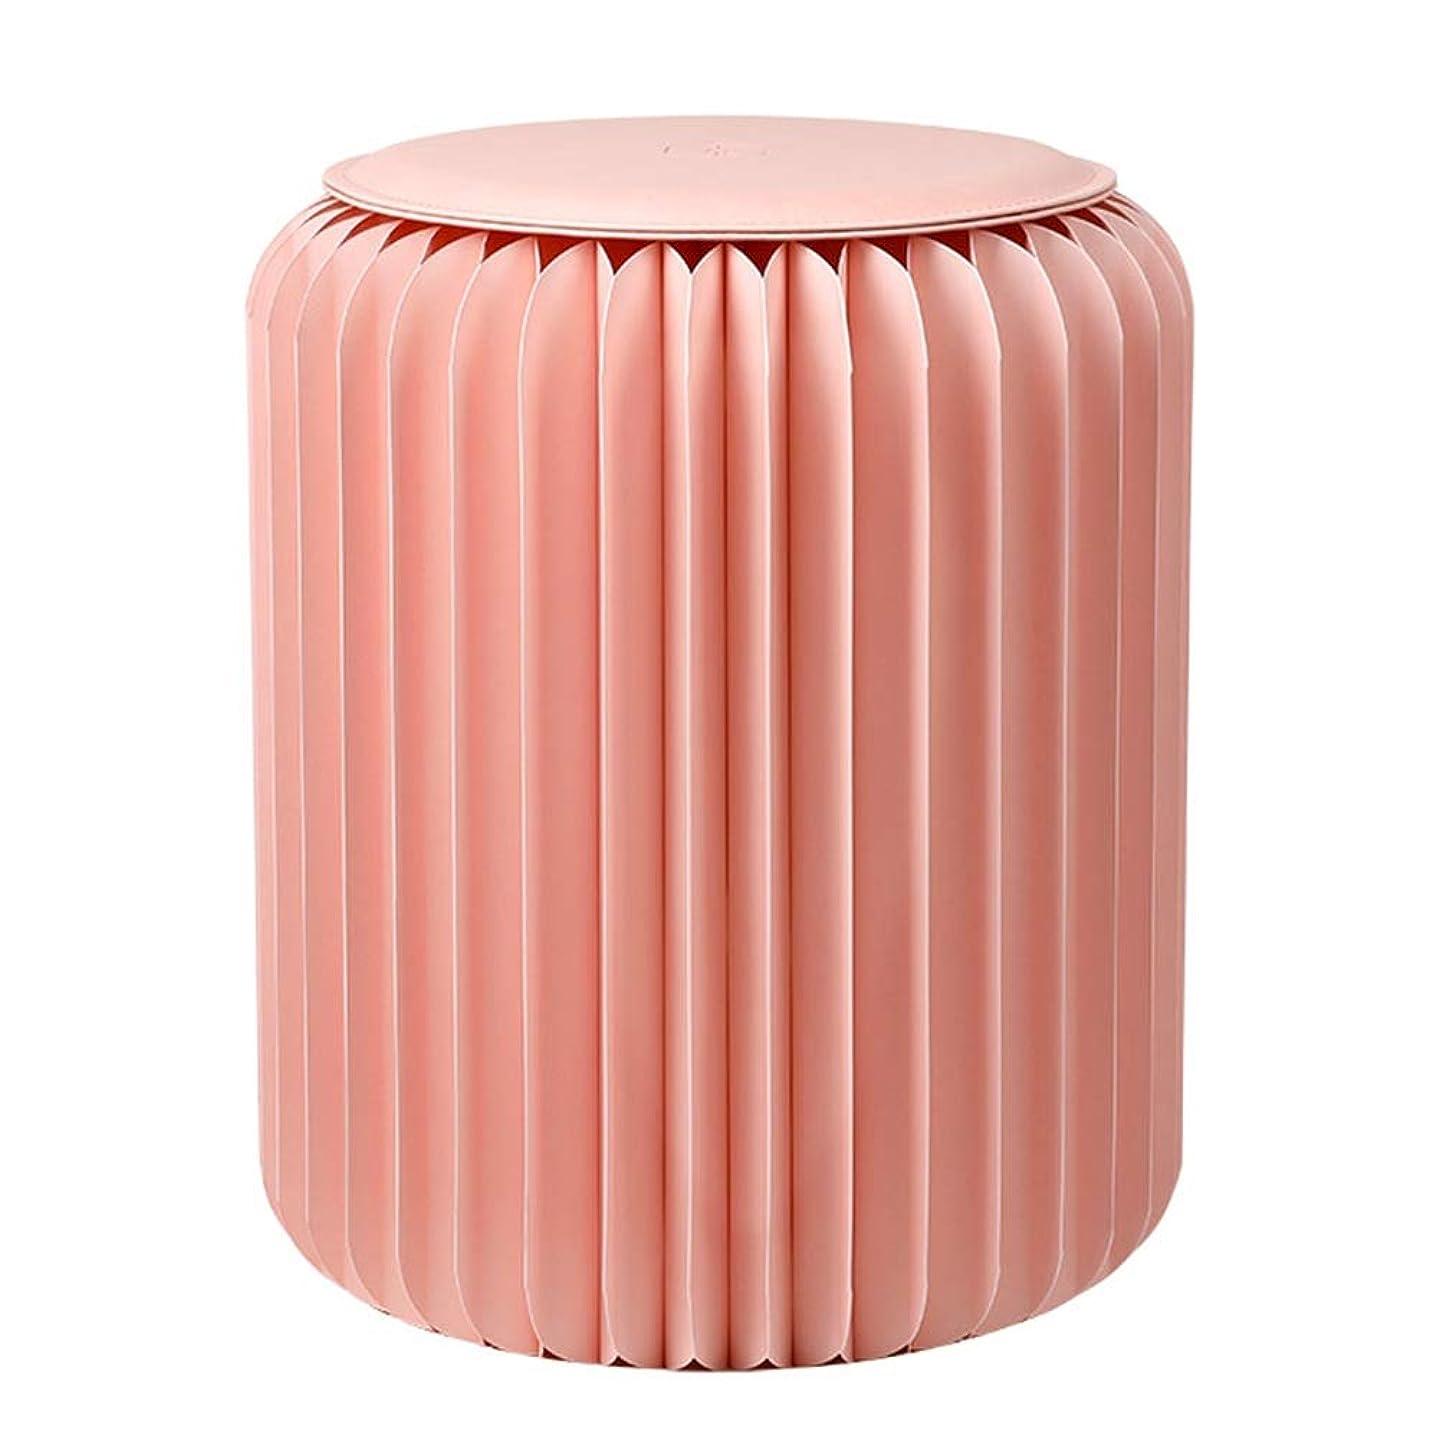 大カード抜け目のないスツール オットマンフットスツール ピンク小さなベンチ折り残りスツール変更靴ベンチ化粧スツールラウンドスツールレザーパッドファッションコーヒーテーブル ZHAOFENGE (Size : L)